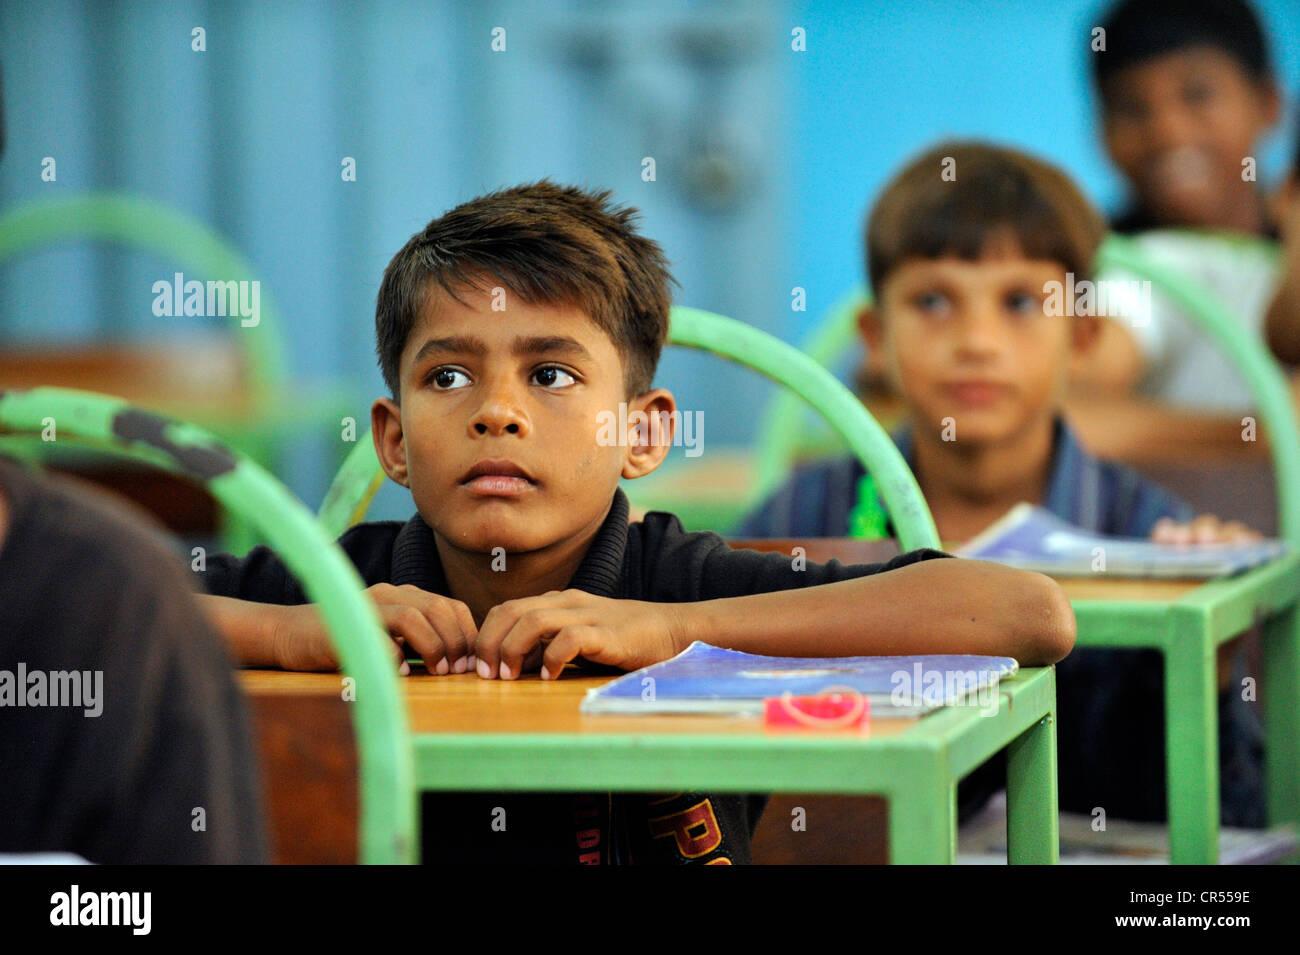 Pakistanischen jungen sitzen auf ihren Schulbänken, Lahore, Punjab, Pakistan, Asien Stockbild